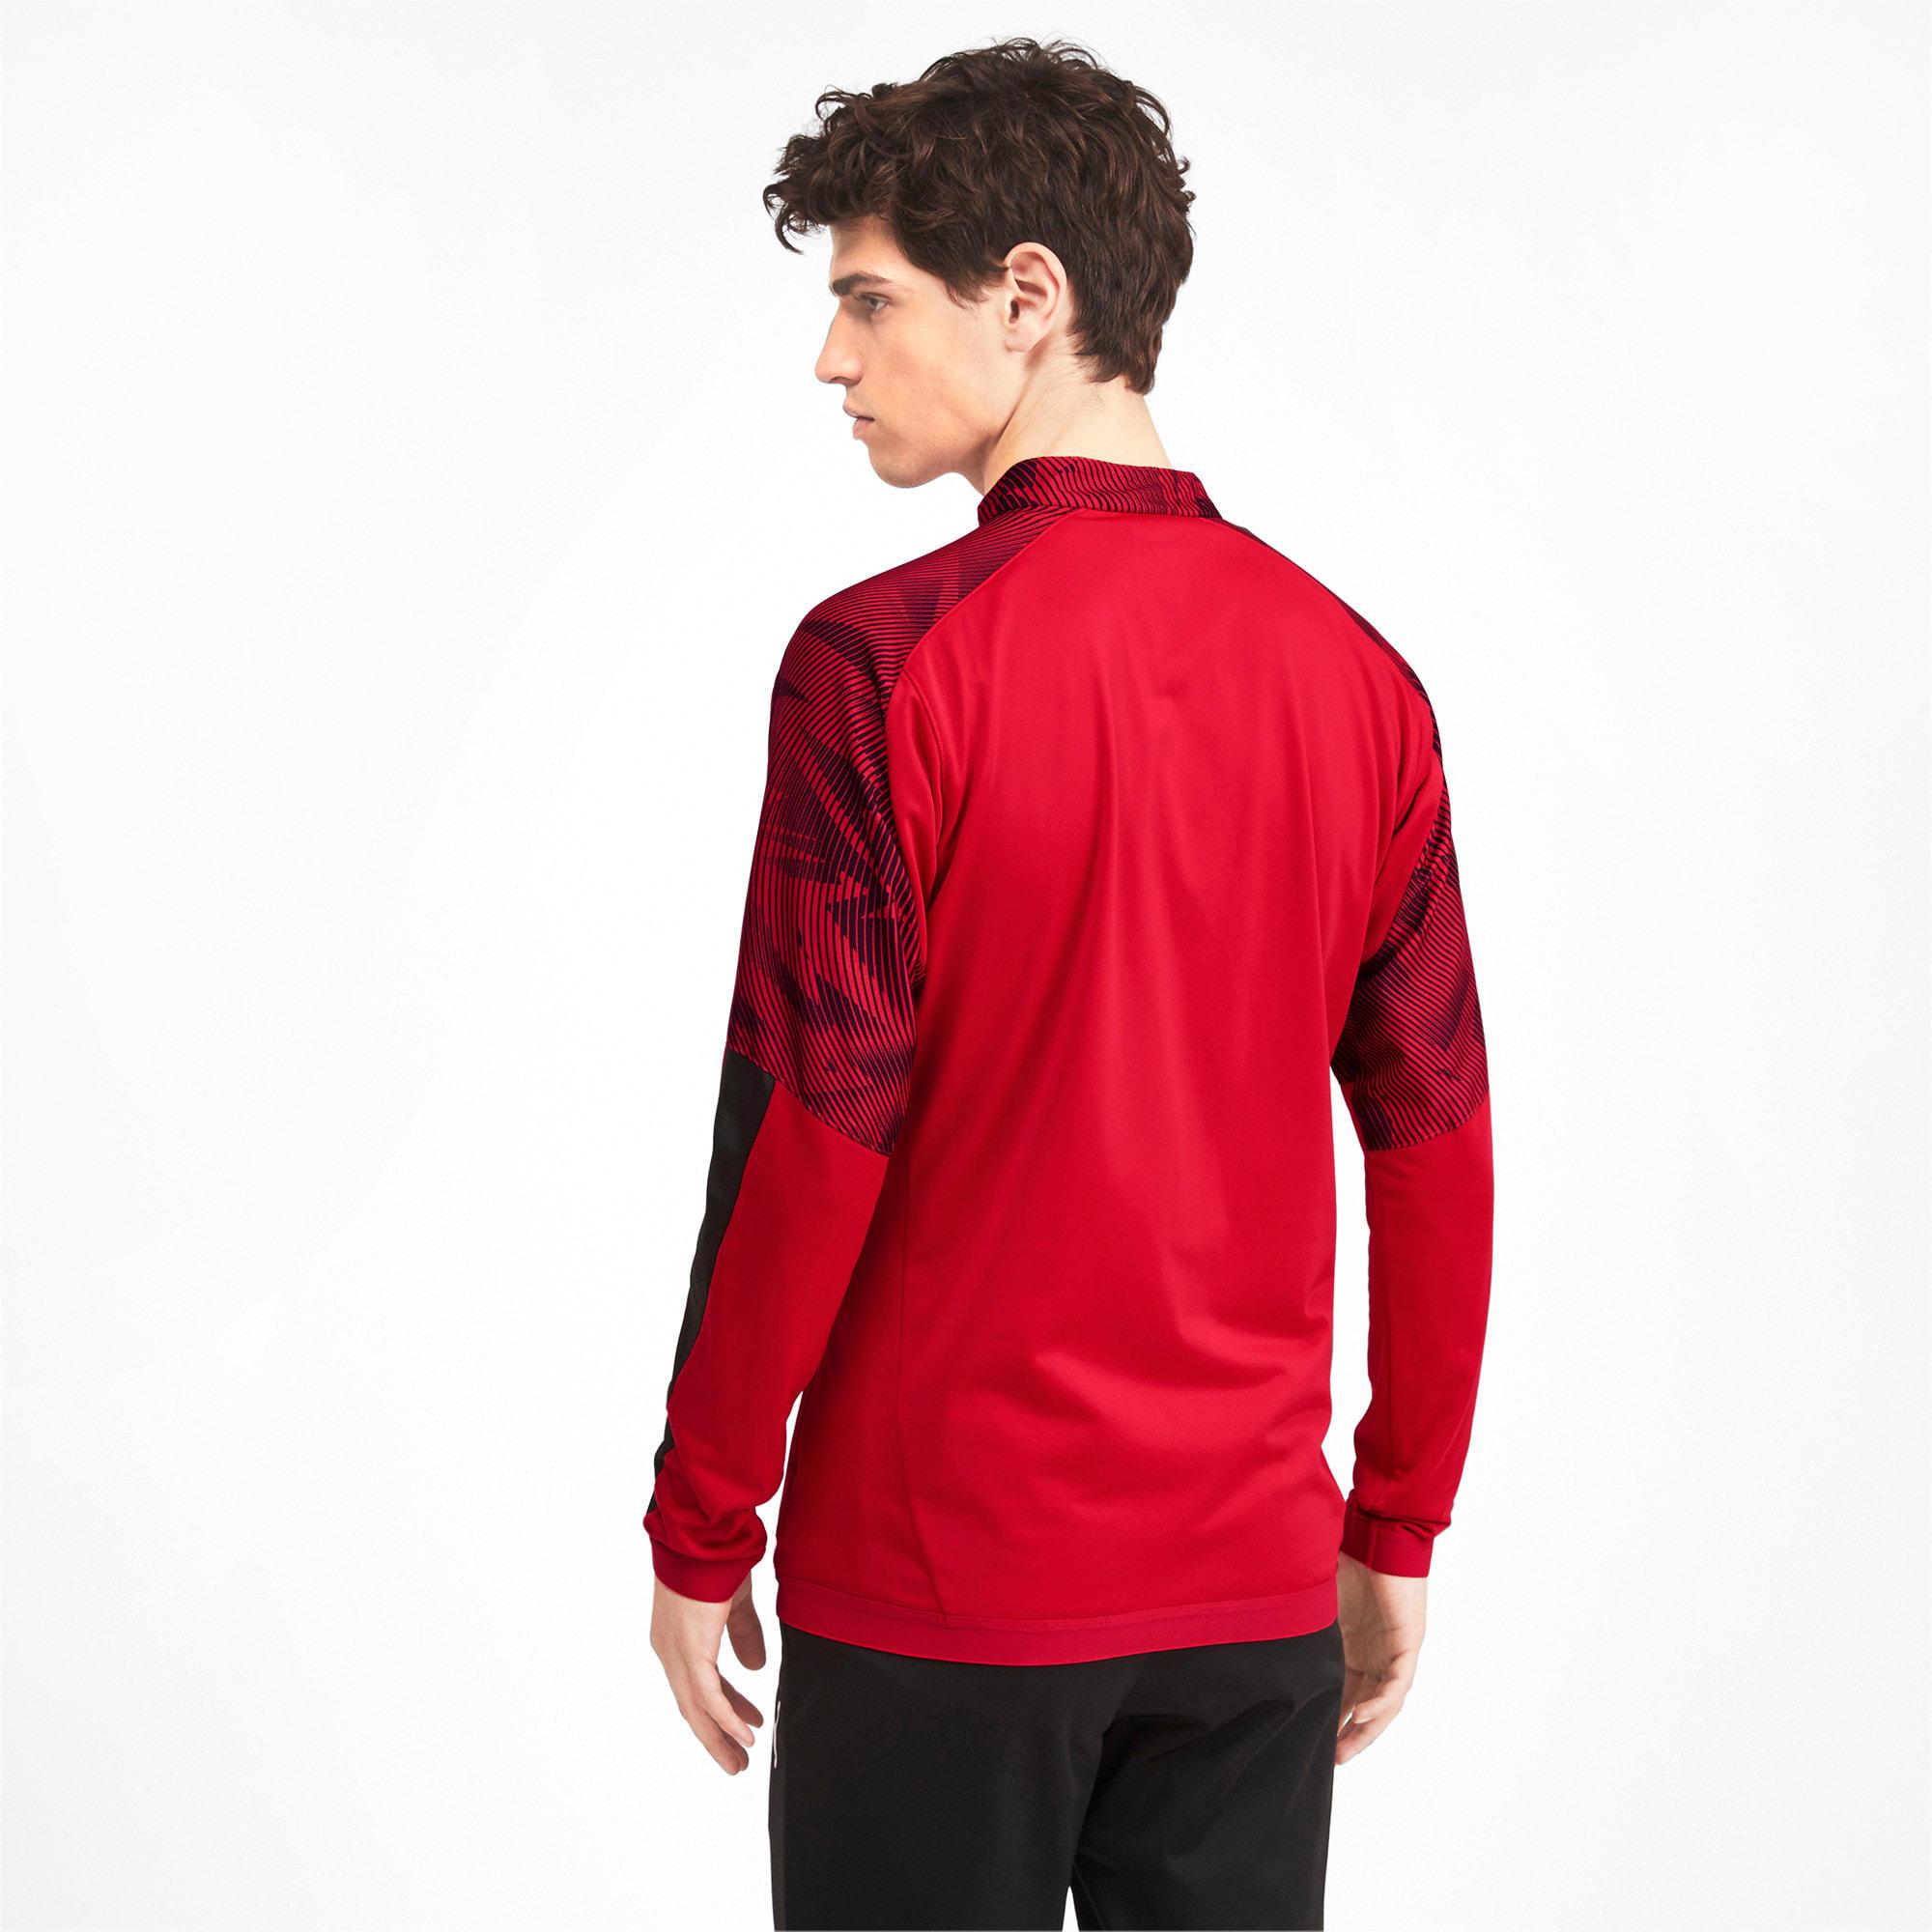 Thumbnail 2 of AC Milan Men's Poly Jacket, Puma Black-Tango Red, medium